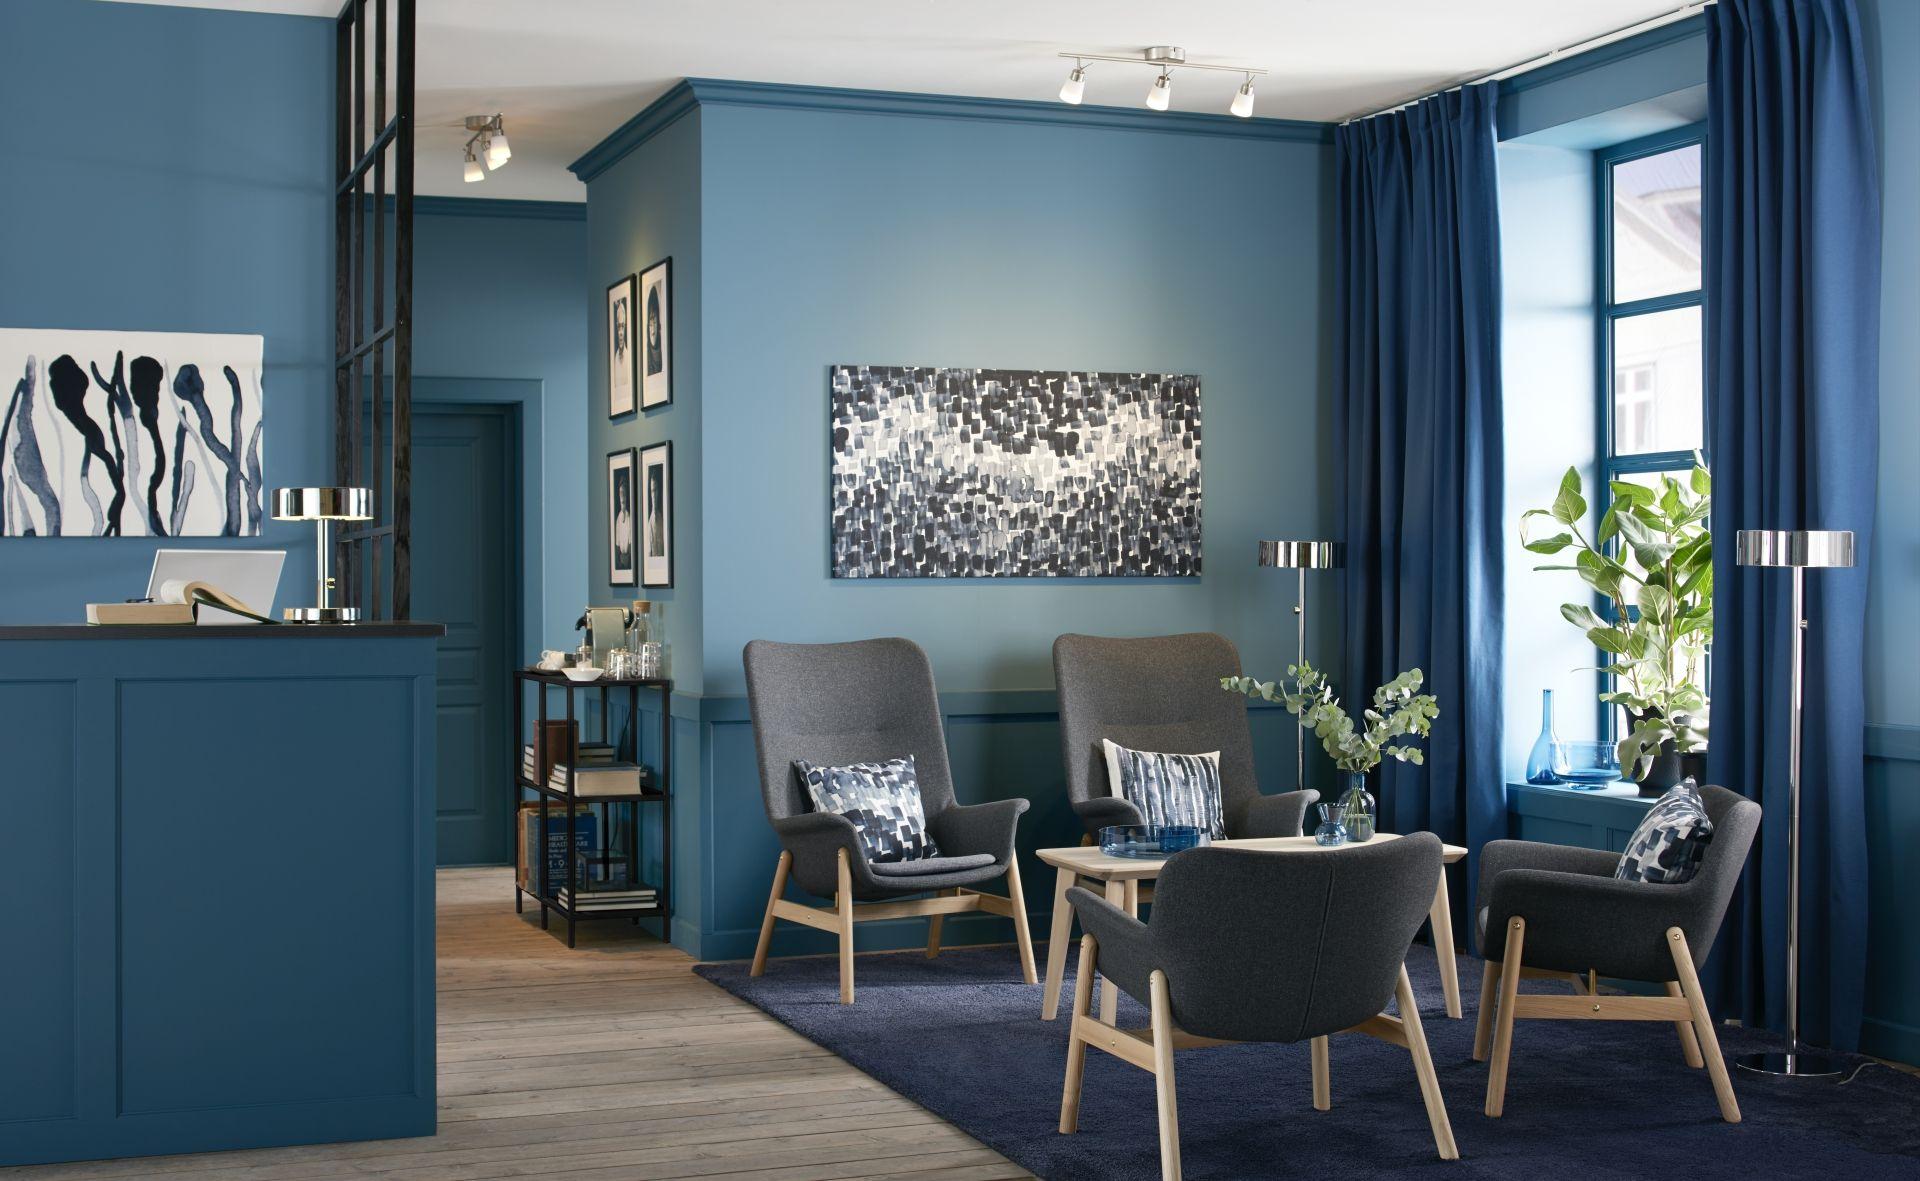 vedbo fauteuil met hoge rugleuning ikea ikeanl ikeanederland nieuw stoel woonkamer kamer interieur wooninterieur inspiratie